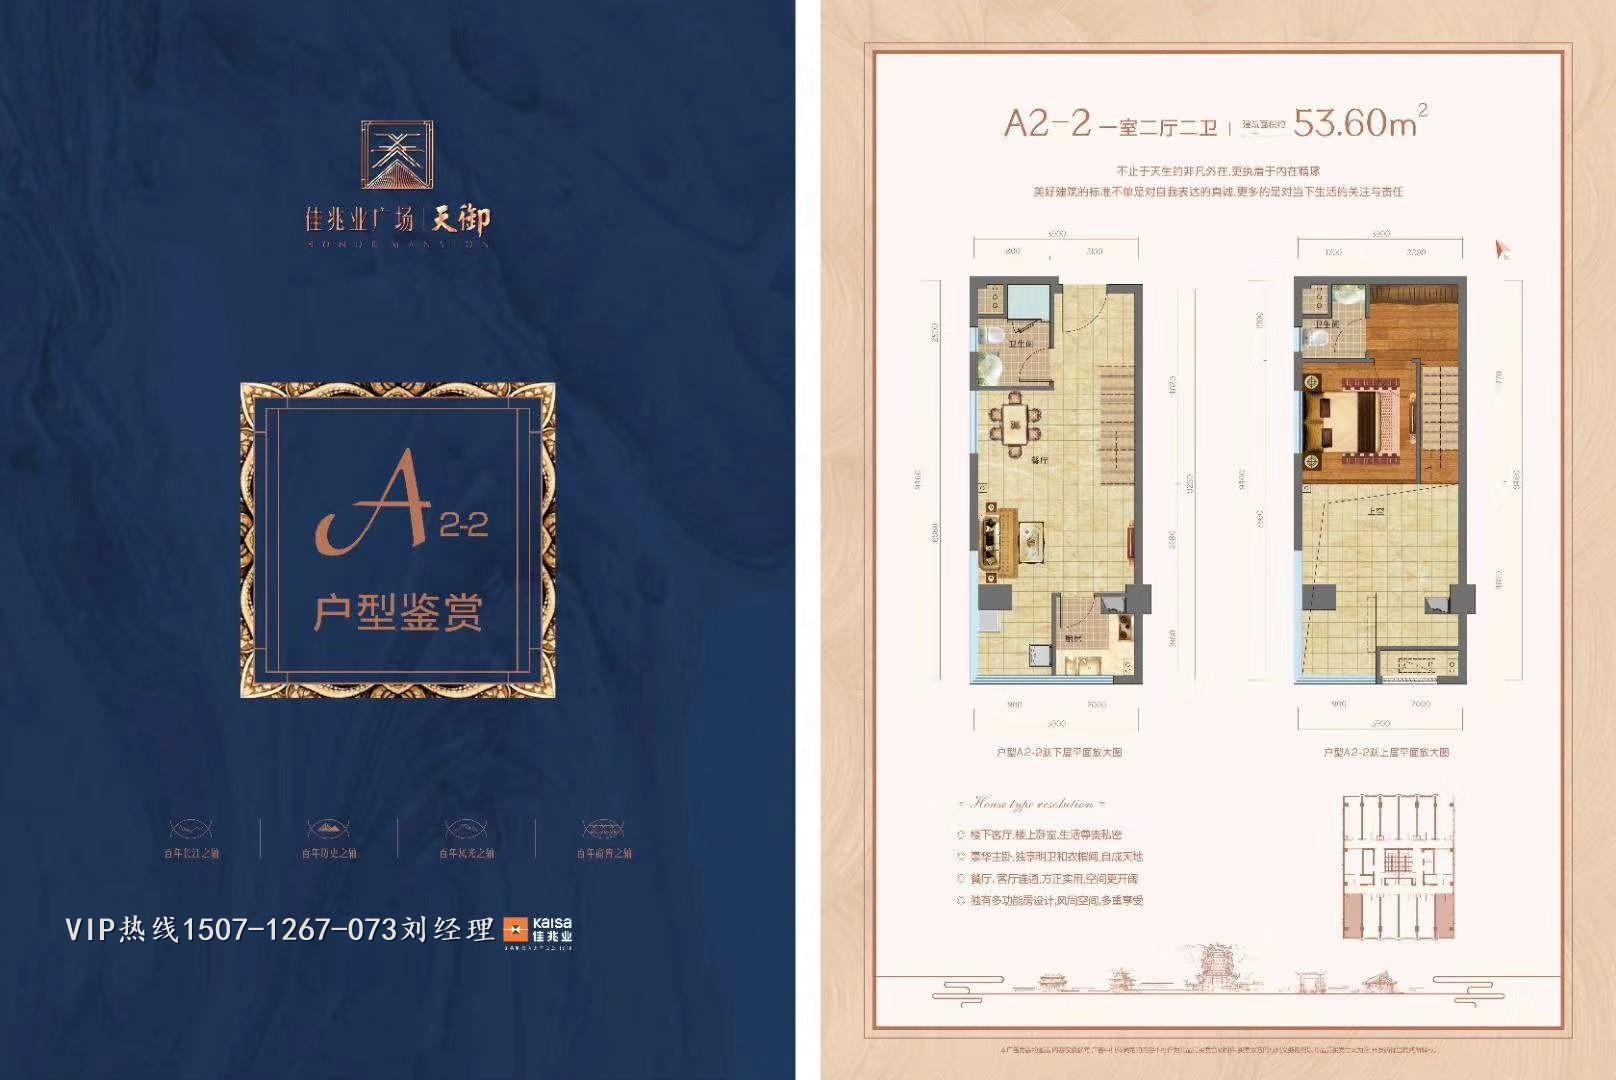 佳兆业广场天御,武昌核心双地铁loft,付家坡旁学府小公馆